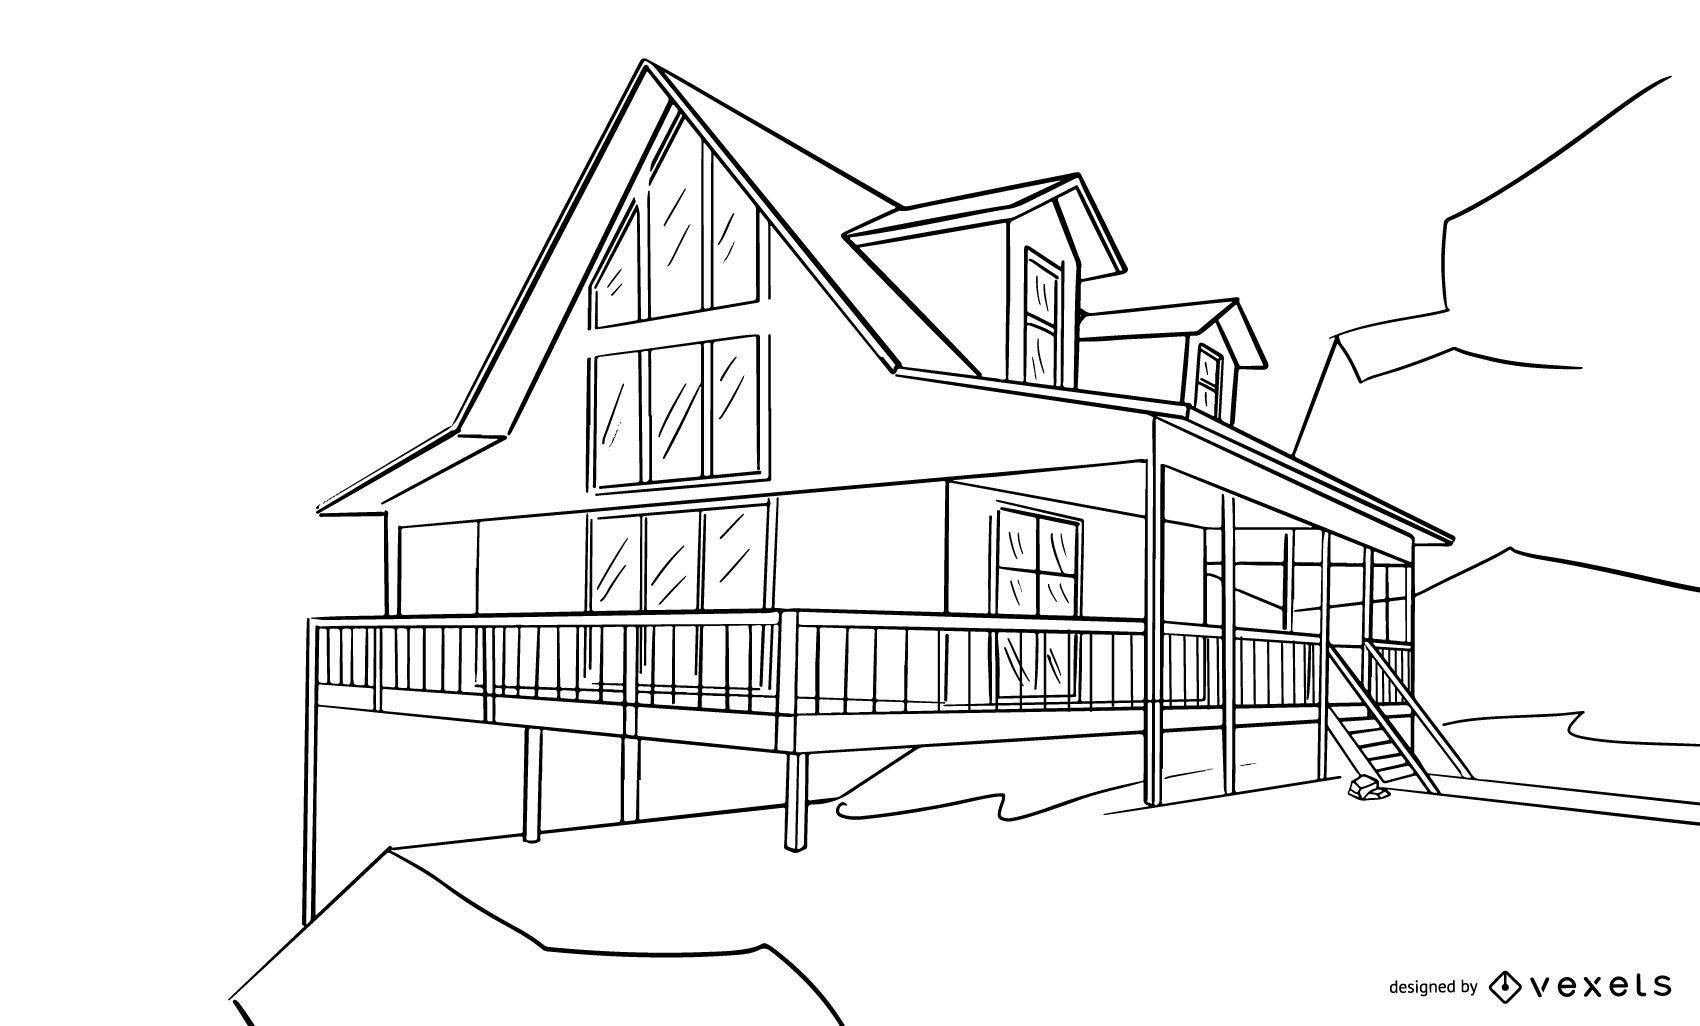 Boceto de dise?o de casa arquitect?nica